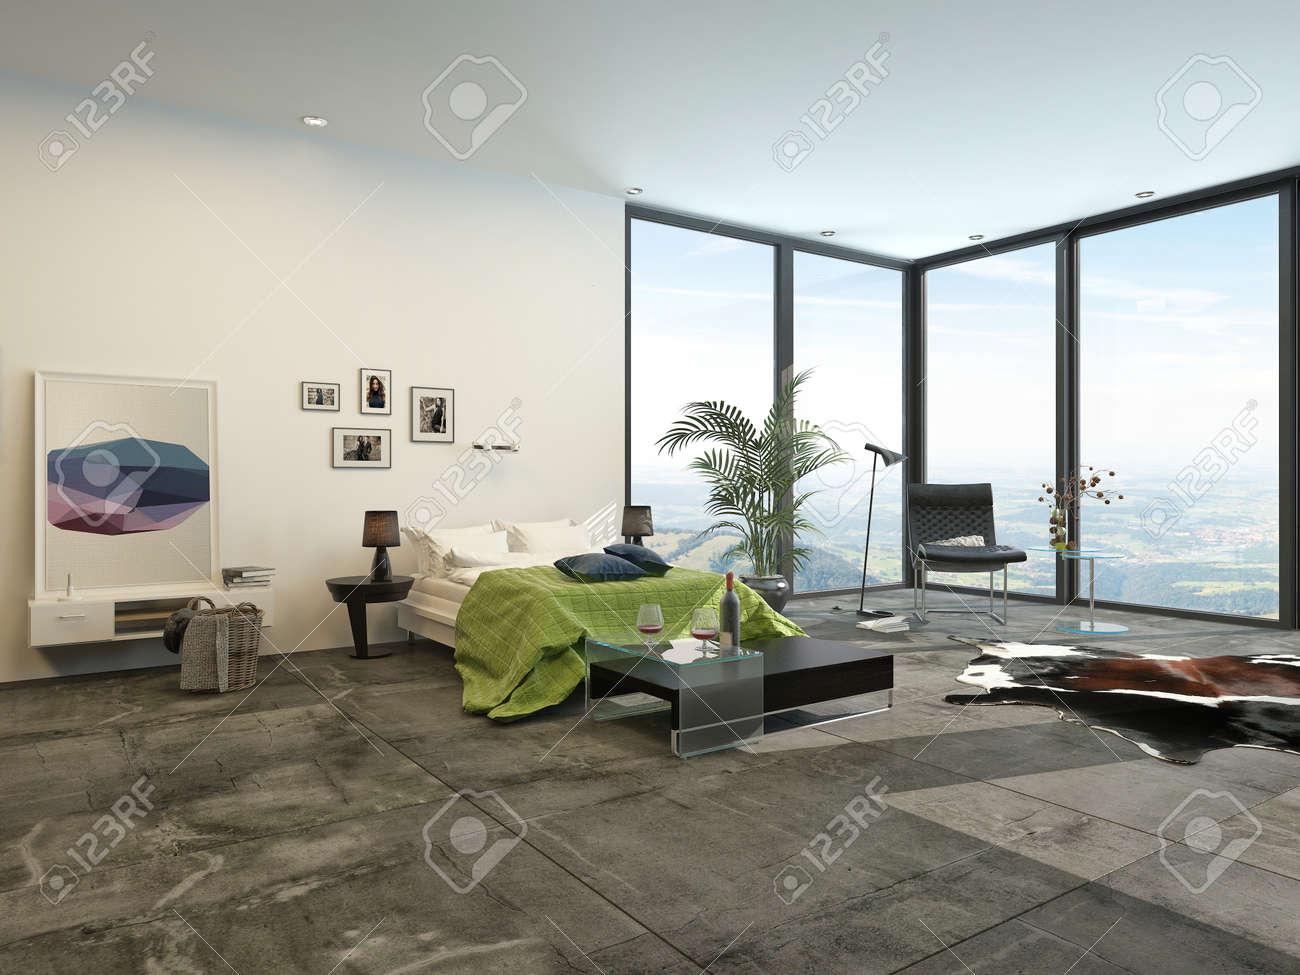 Große Geräumige, Moderne Zimmer Mit Innen-Fenster-Ansicht Mit Blick ...